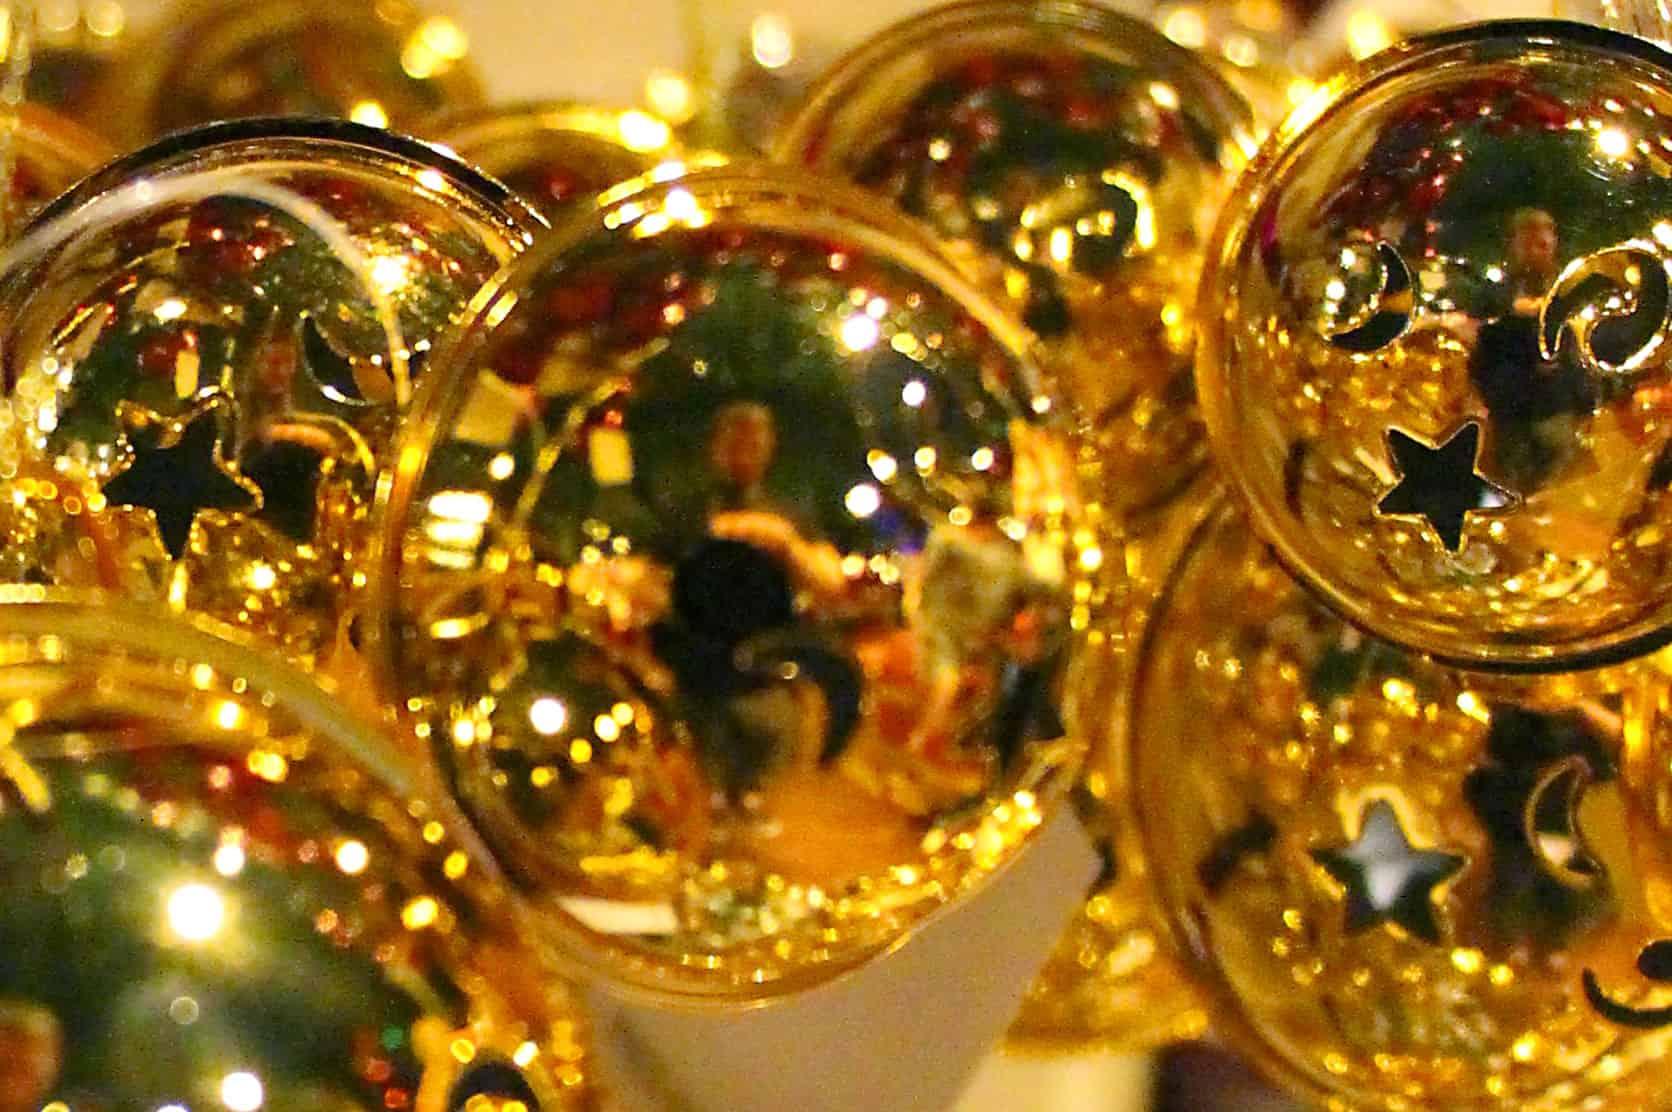 Weihnachtskugeln gold weihnachtskugeln - Weihnachtskugeln cappuccino ...